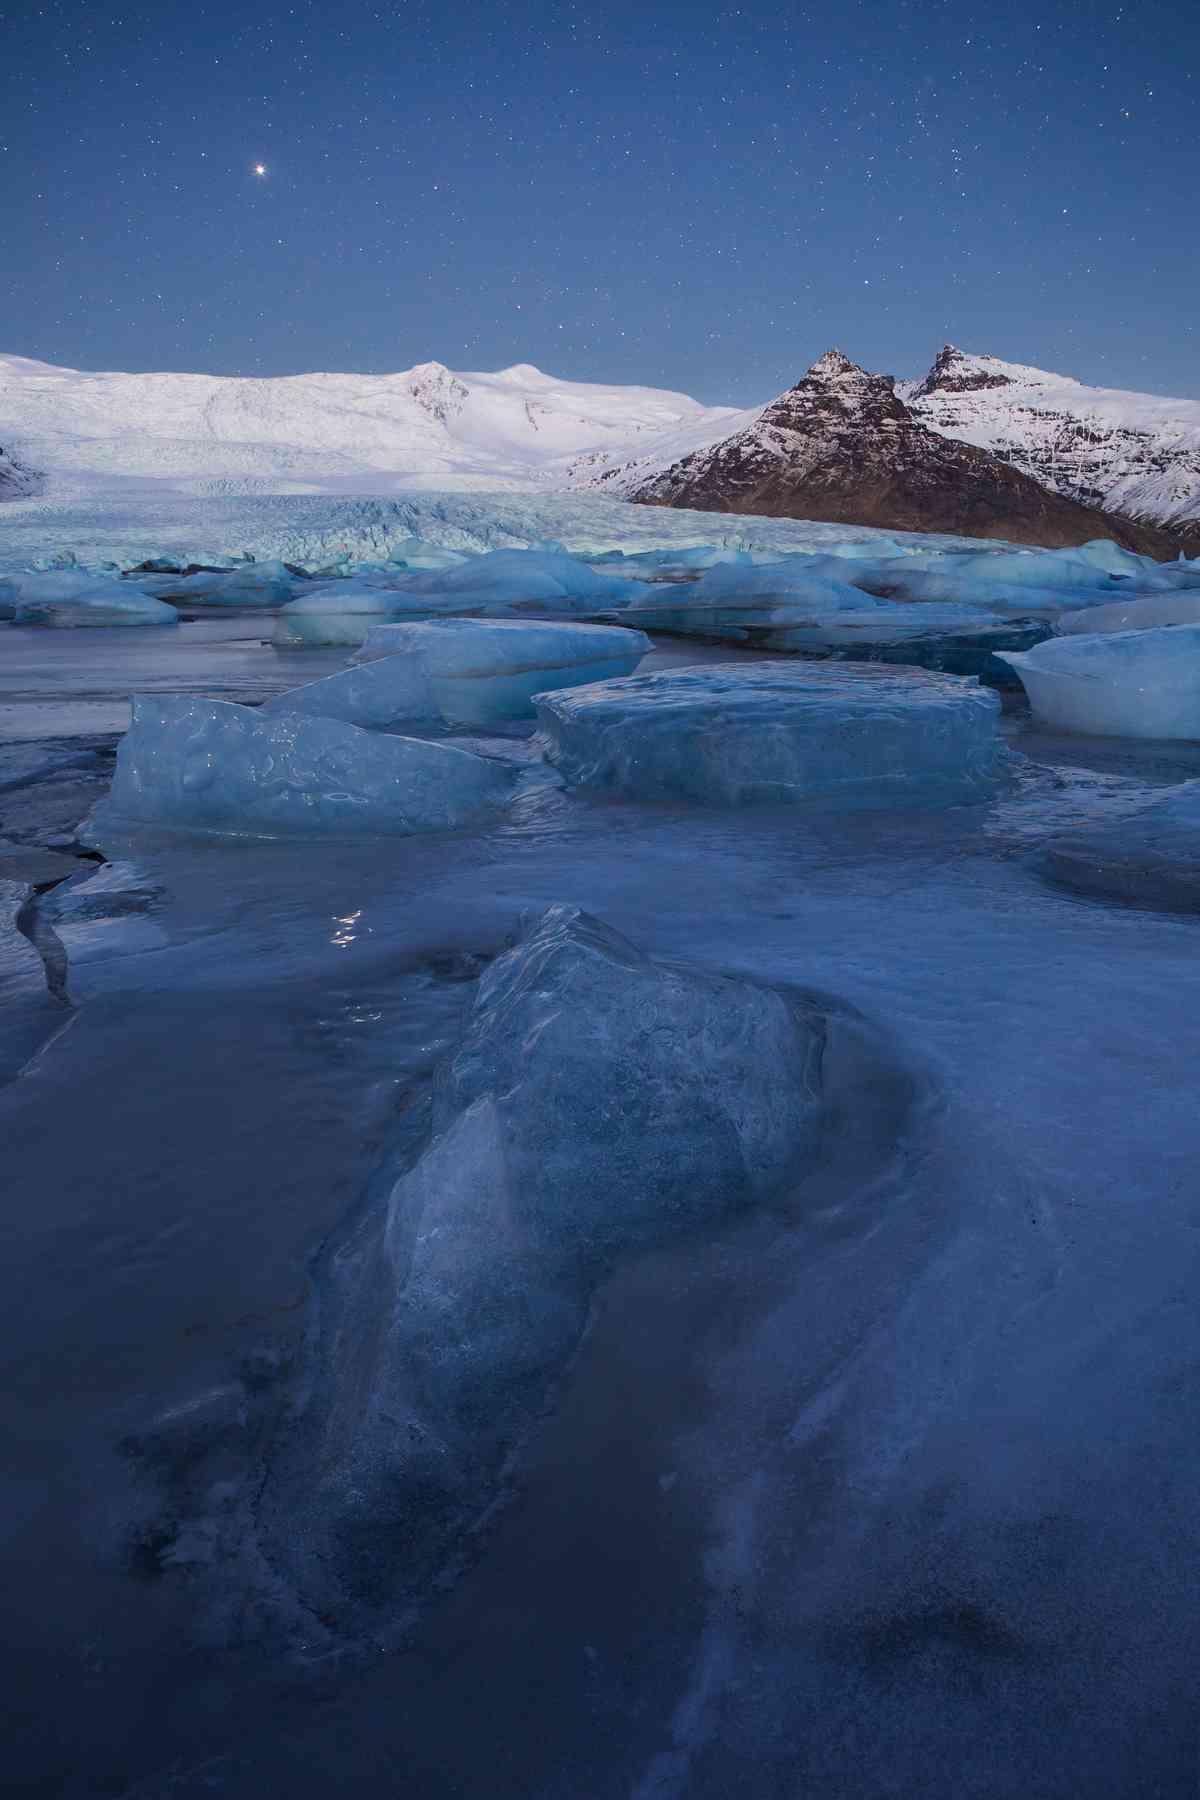 Vatnajökull National Park, Iceland (Esen Tunar)